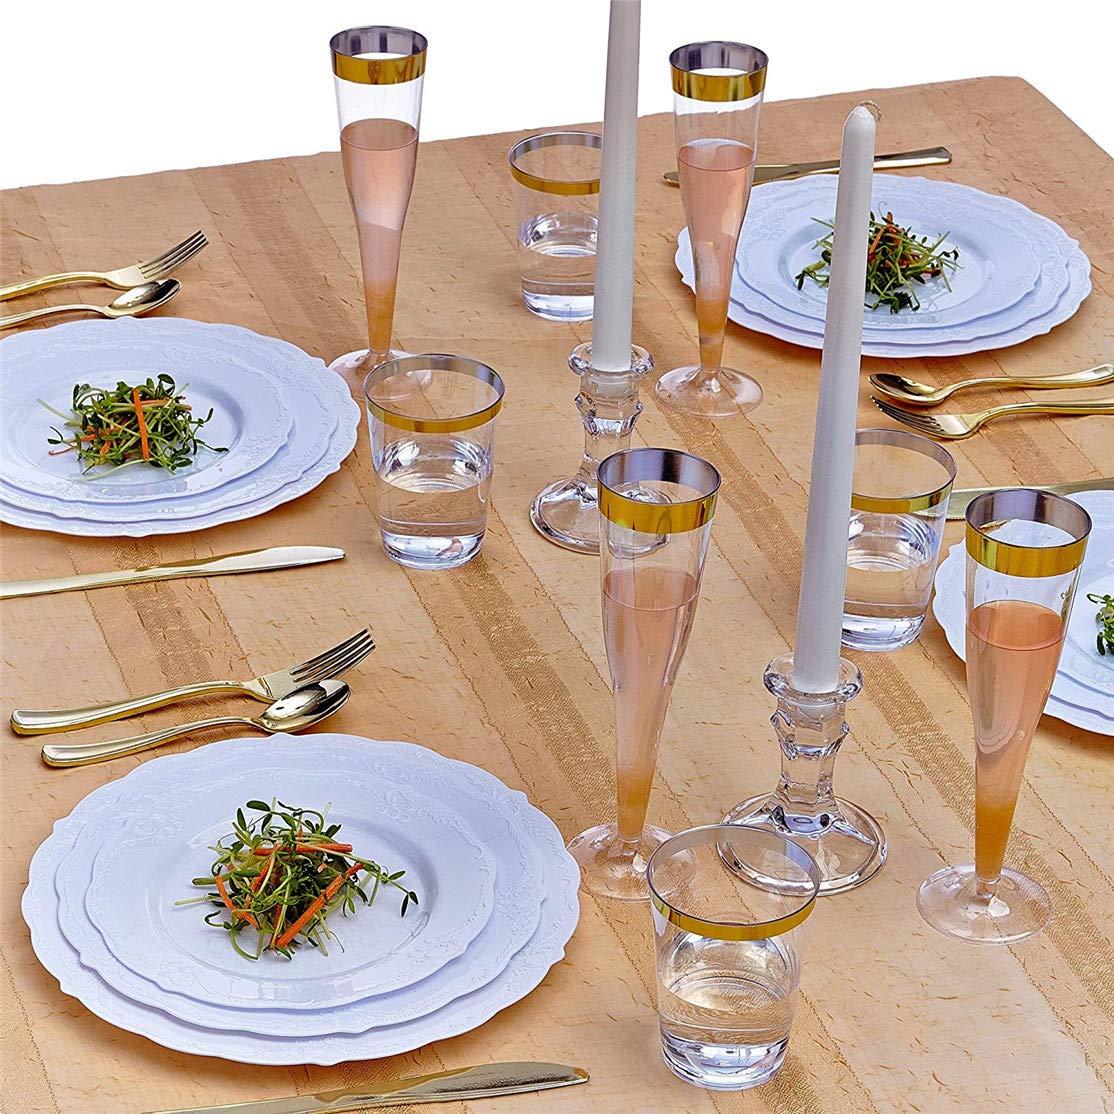 Juego de vajilla desechable (20 unidades), 20 platos de plástico desechables para fiestas, bodas, vacaciones, fiestas, duchas, cumpleaños, aniversarios y ...